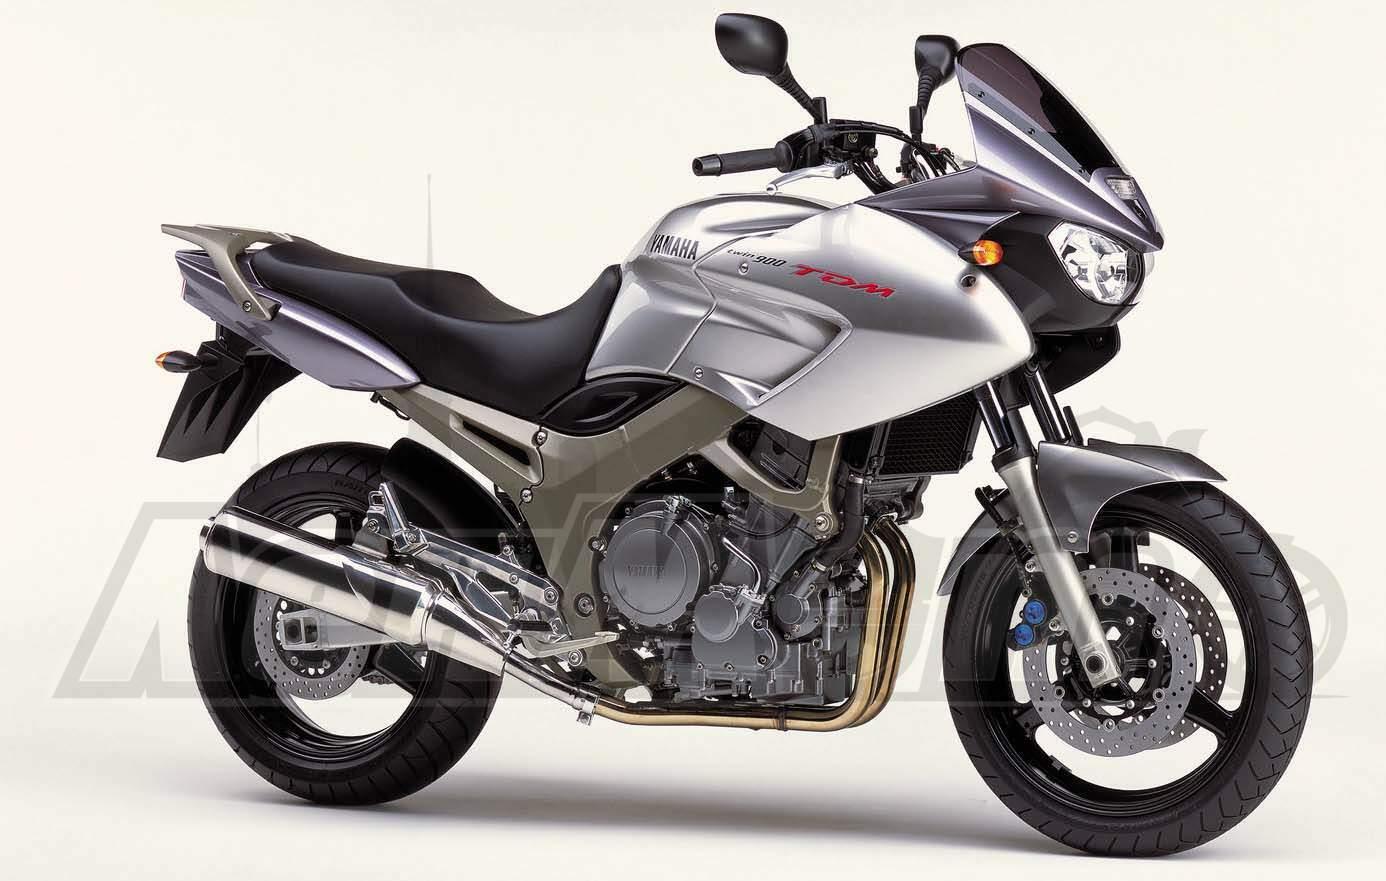 Руководство по эксплуатации (Owners manual) для Мотоцикла (Motorcycle) Yamaha TDM 900 2002-2007 скачать pdf